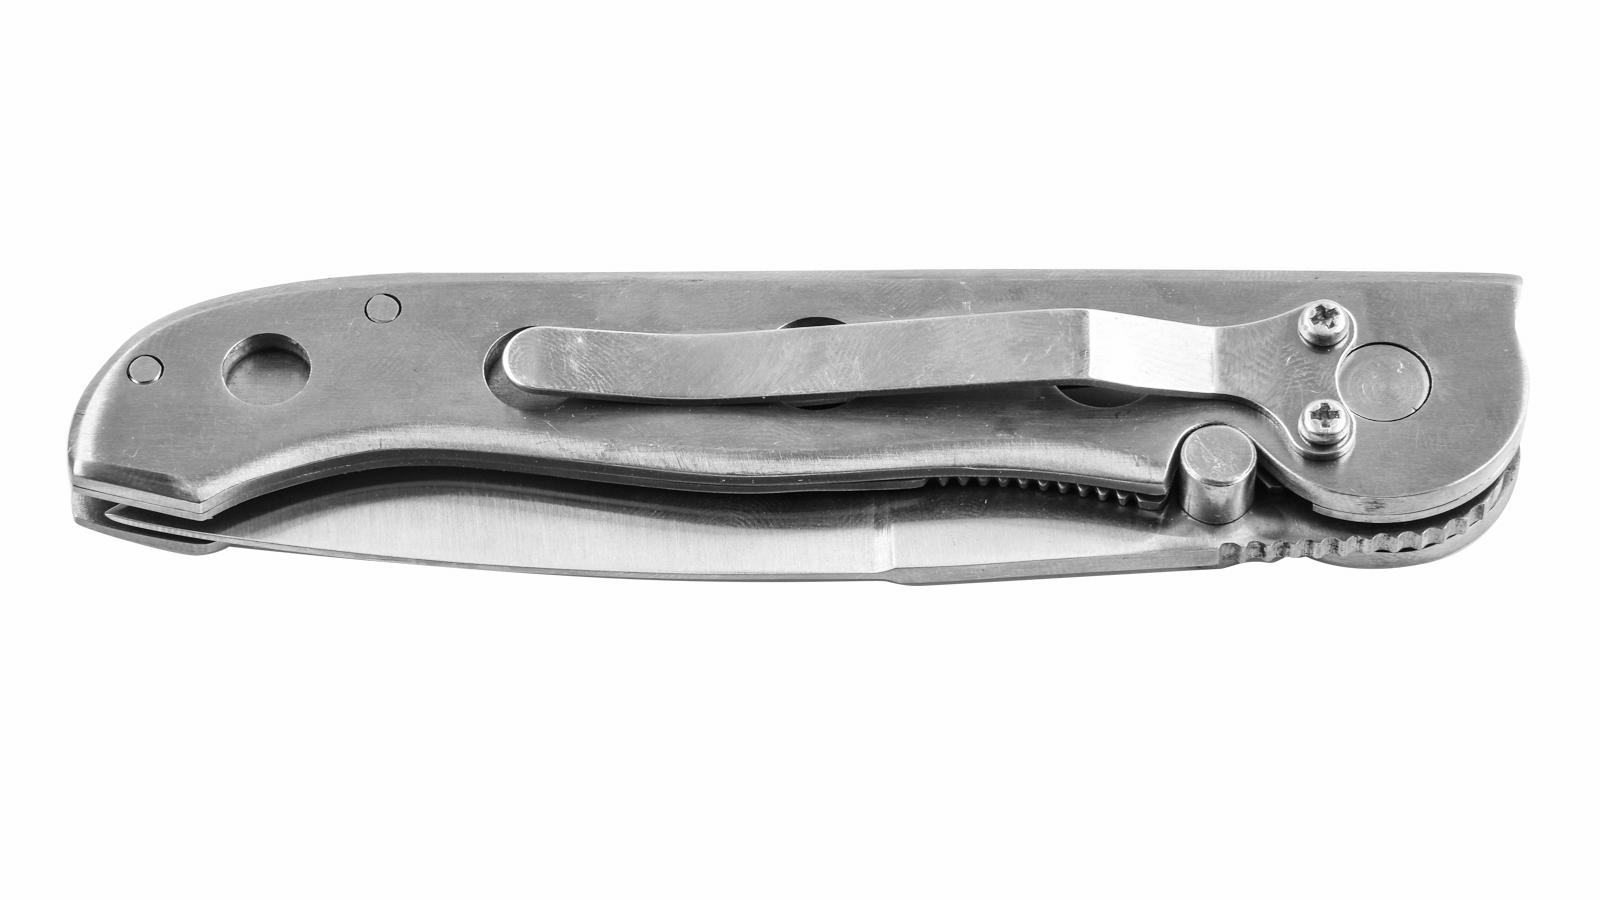 Нож с металлической ручкой Half-Serrated Blade Lock Pocket Knife 205